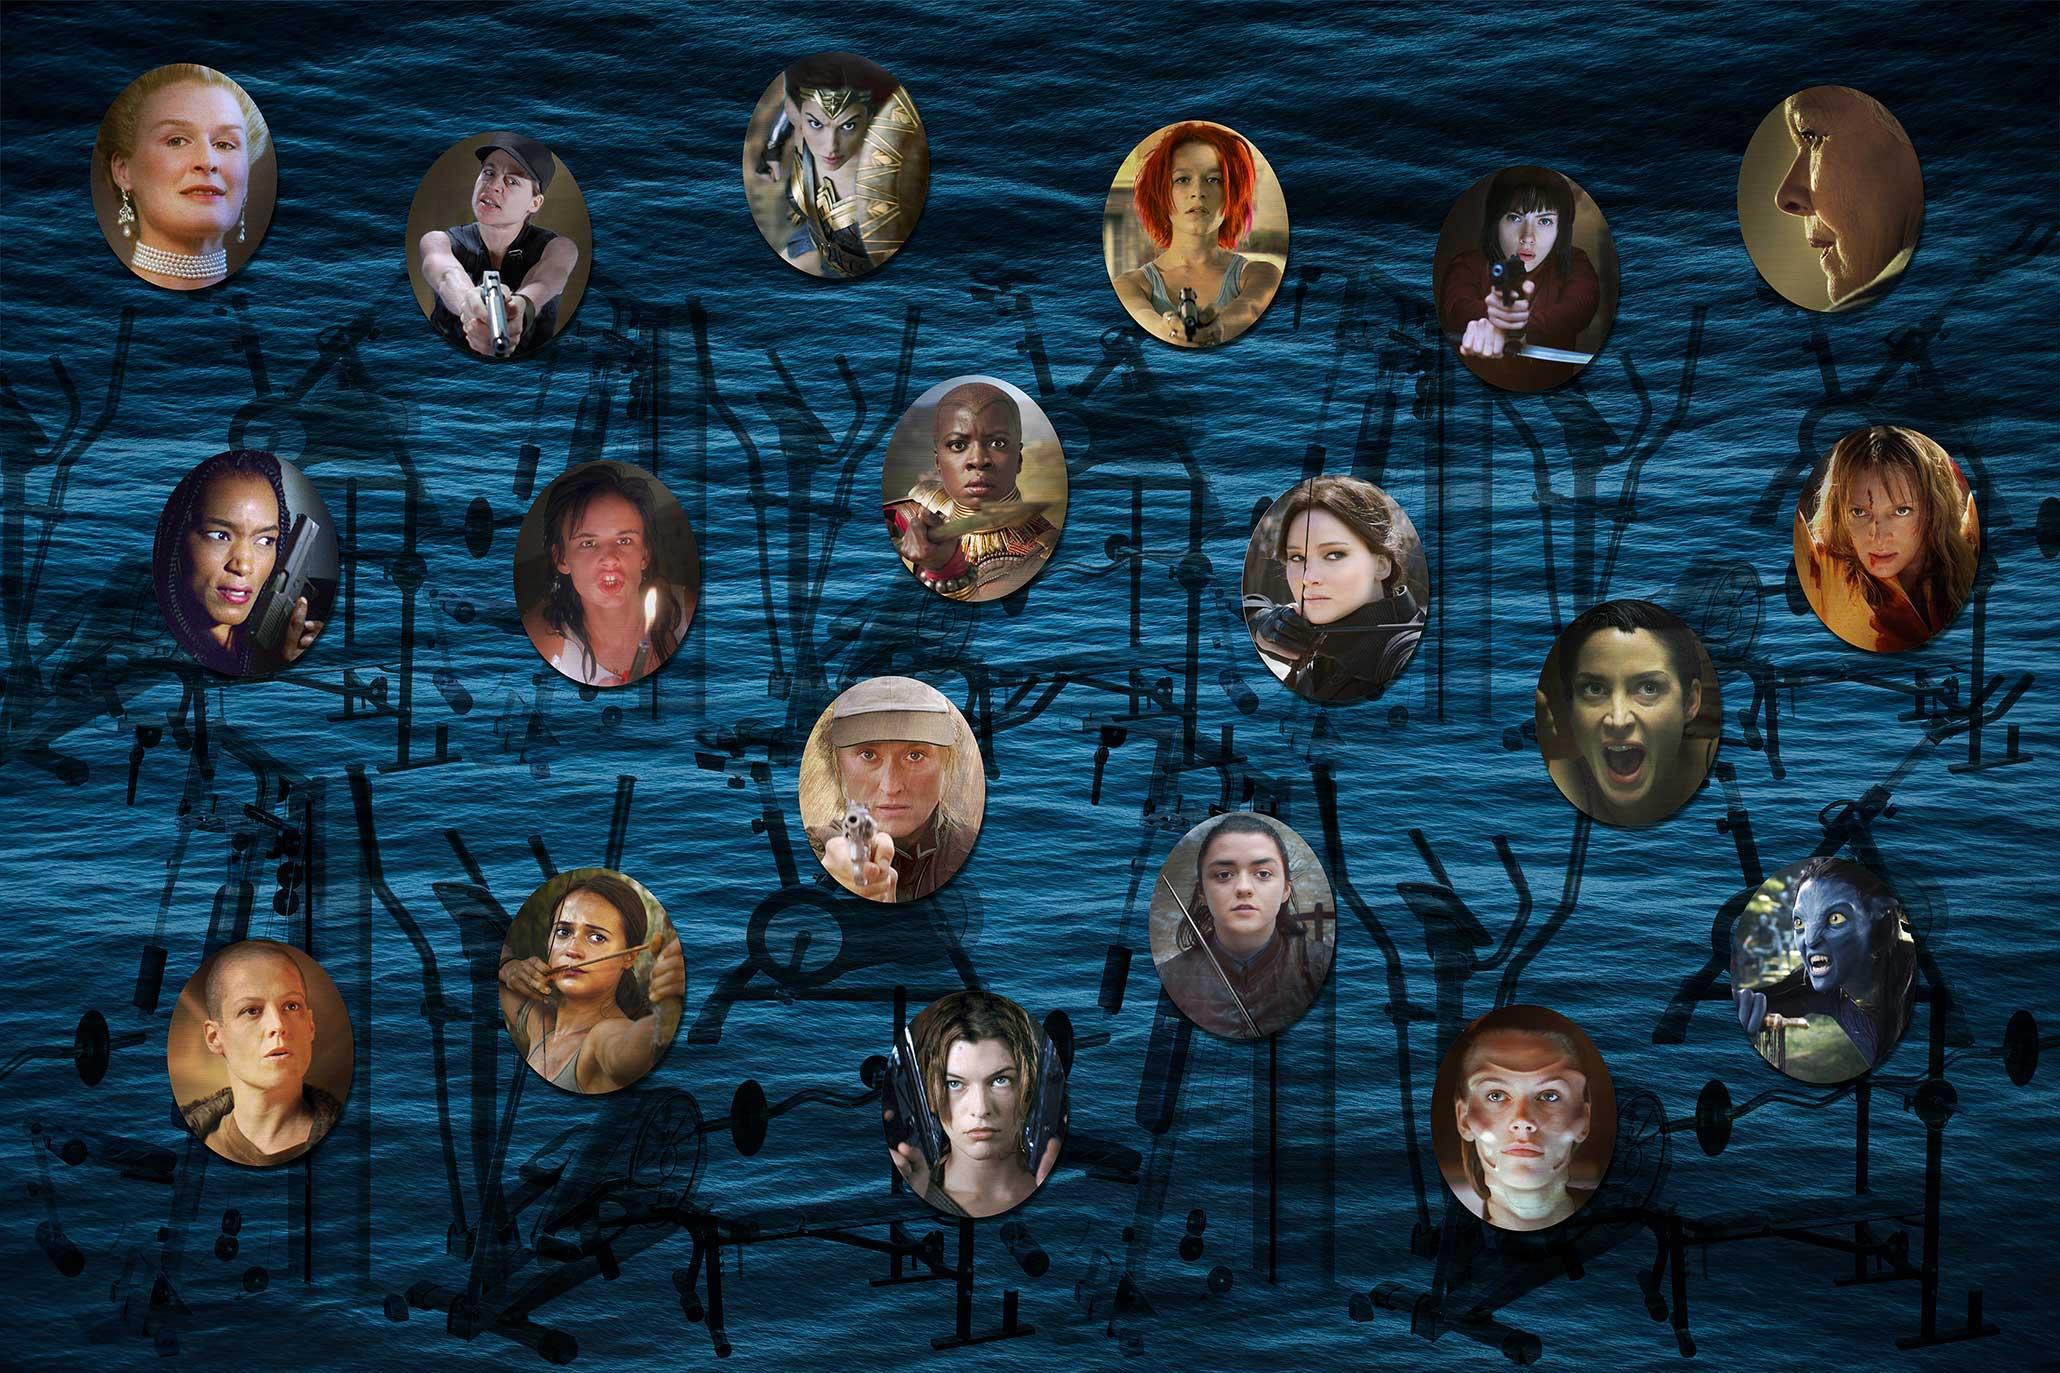 Myriam Thyes, Galerie der Starken Frauen (2018-2019), Portrait-Serie, bearbeitete Standbilder aus Spielfilmen. Druck auf Alu-Schicht, ovale AluDiBond-Platten, je 55 x 45 cm. Visualisierung der Fotoserie, glänzende Portraits auf matter Textiltapete.